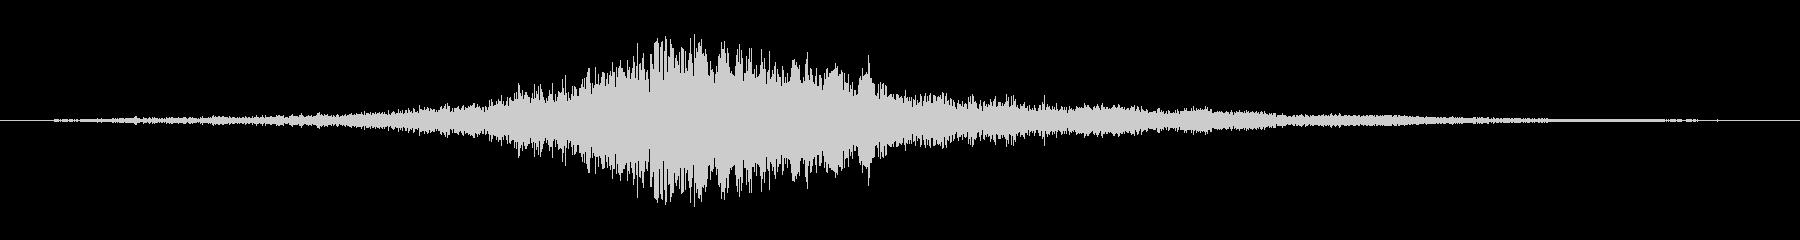 カーレース2の未再生の波形